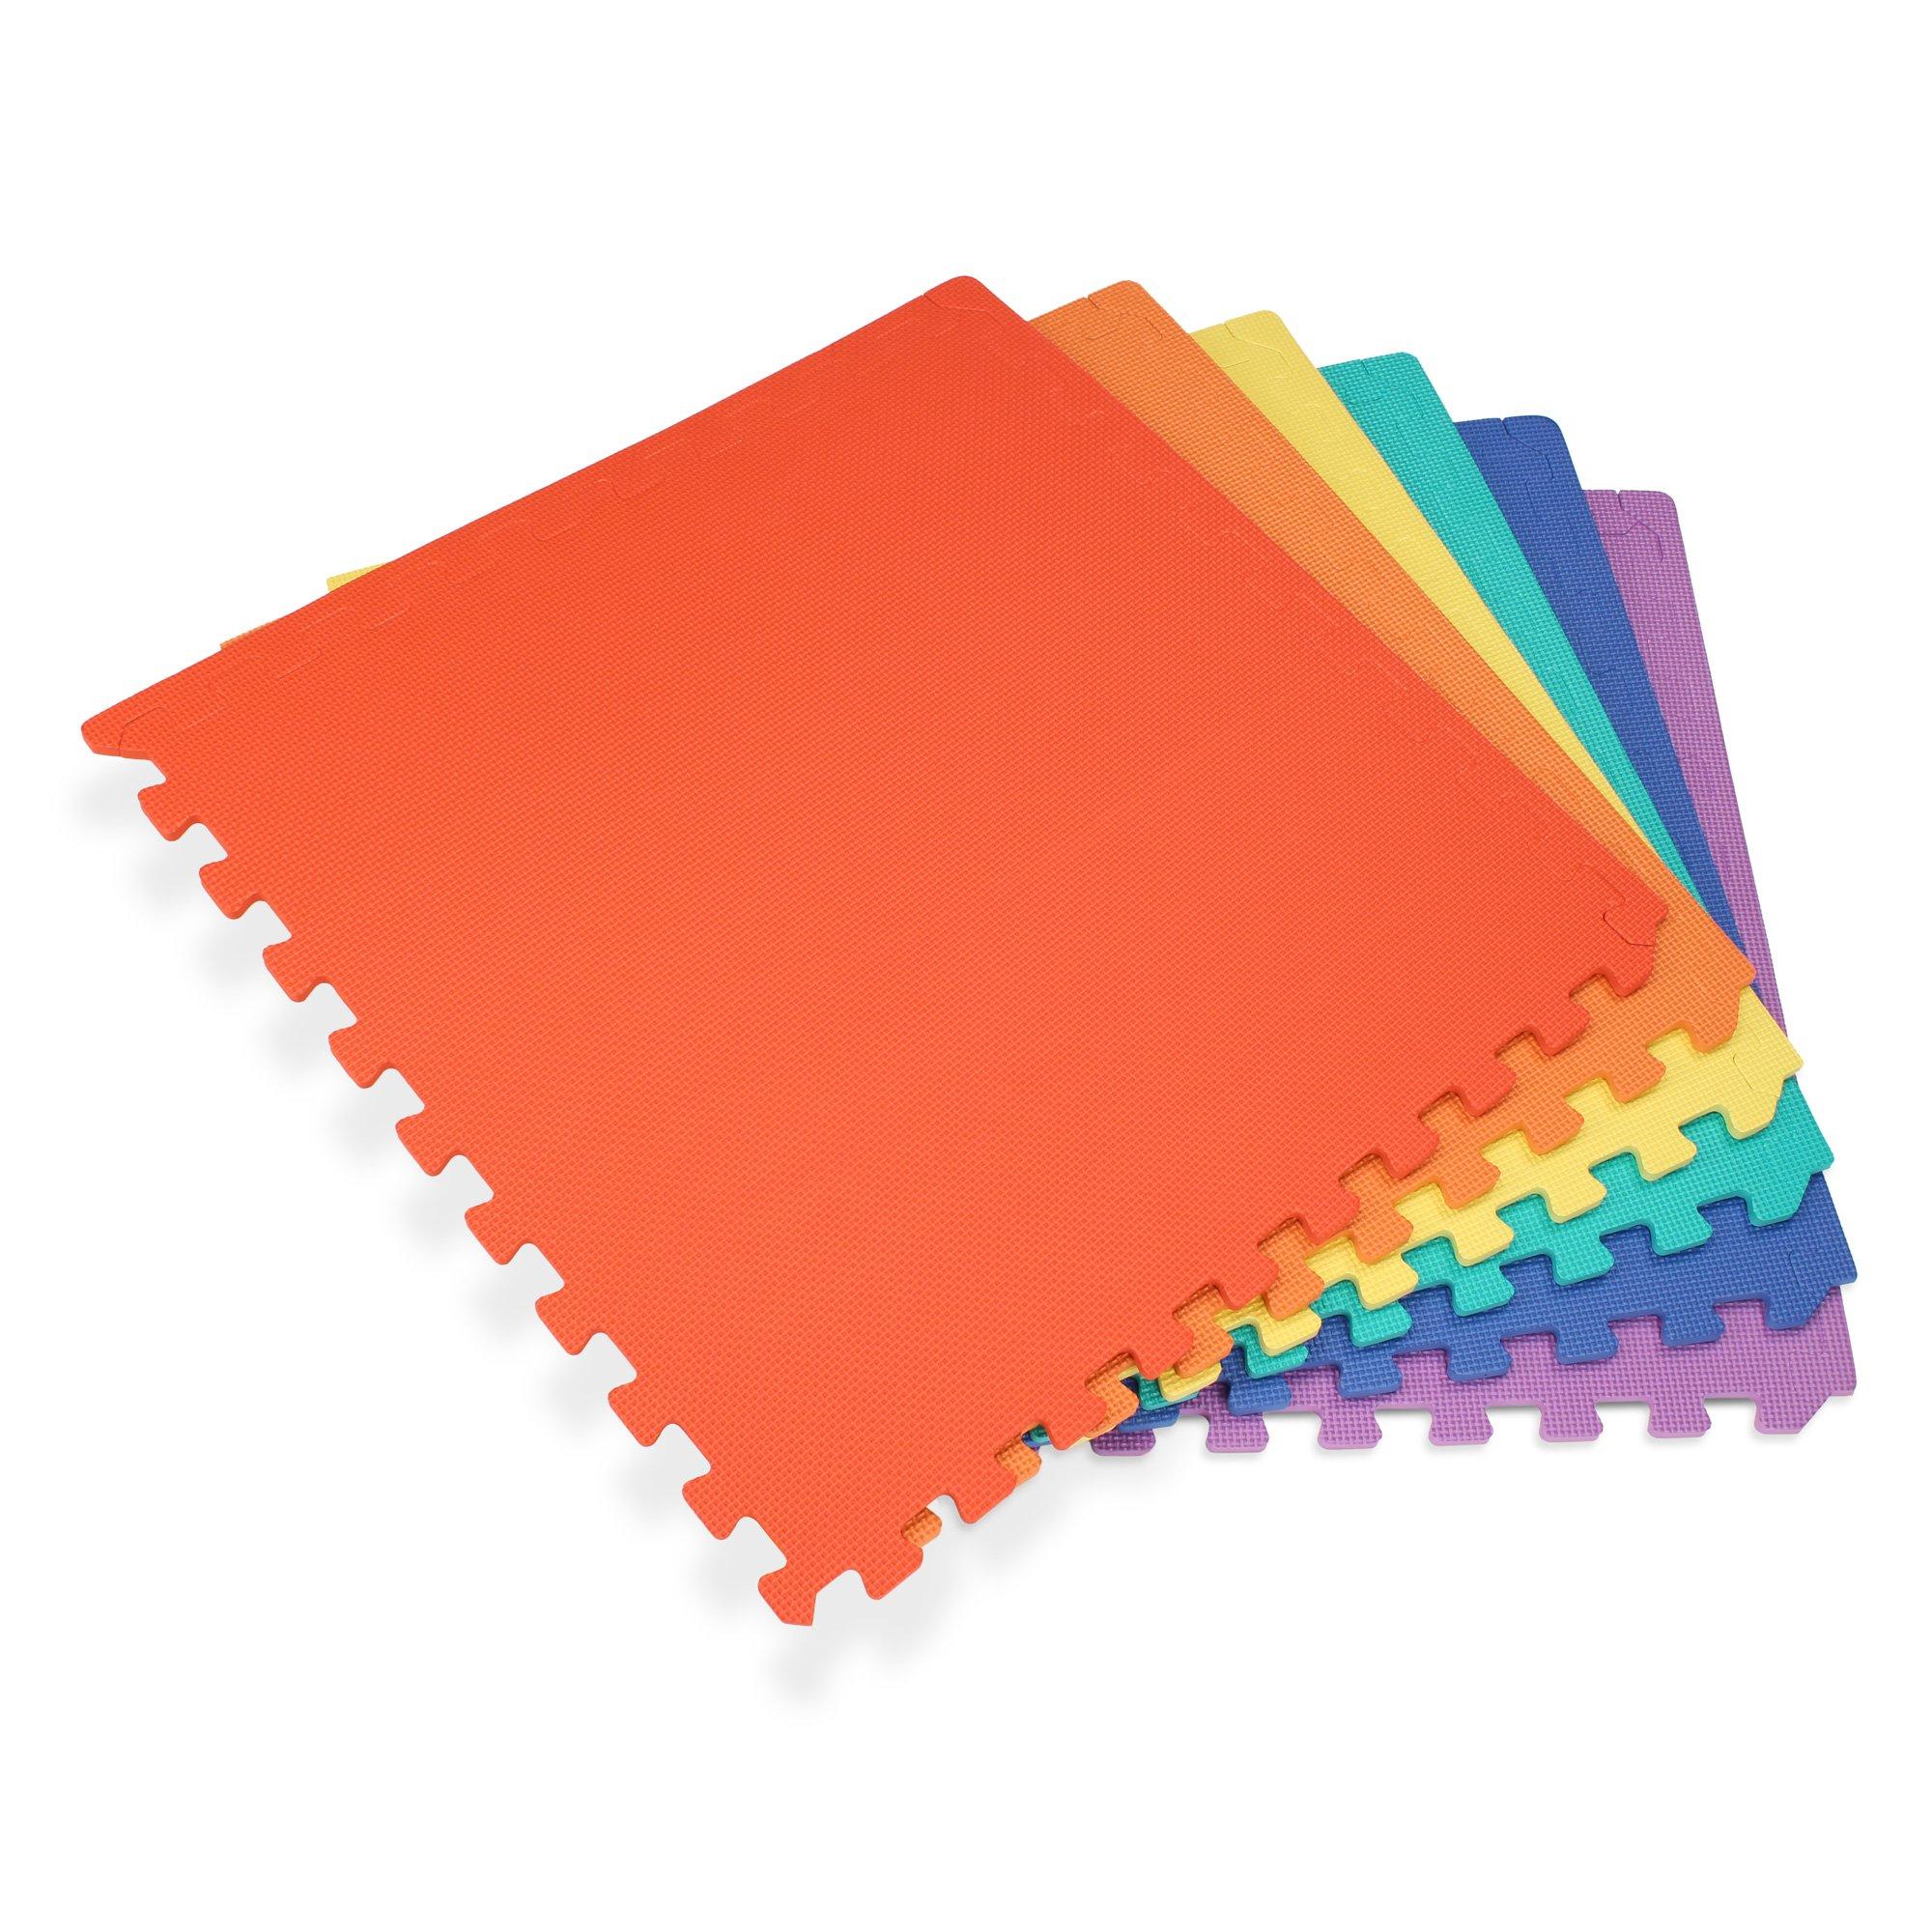 We Sell Mats 24'' x 24'' x 3/8'' 144 Sq Ft Multi-Color Interlocking Foam Mat